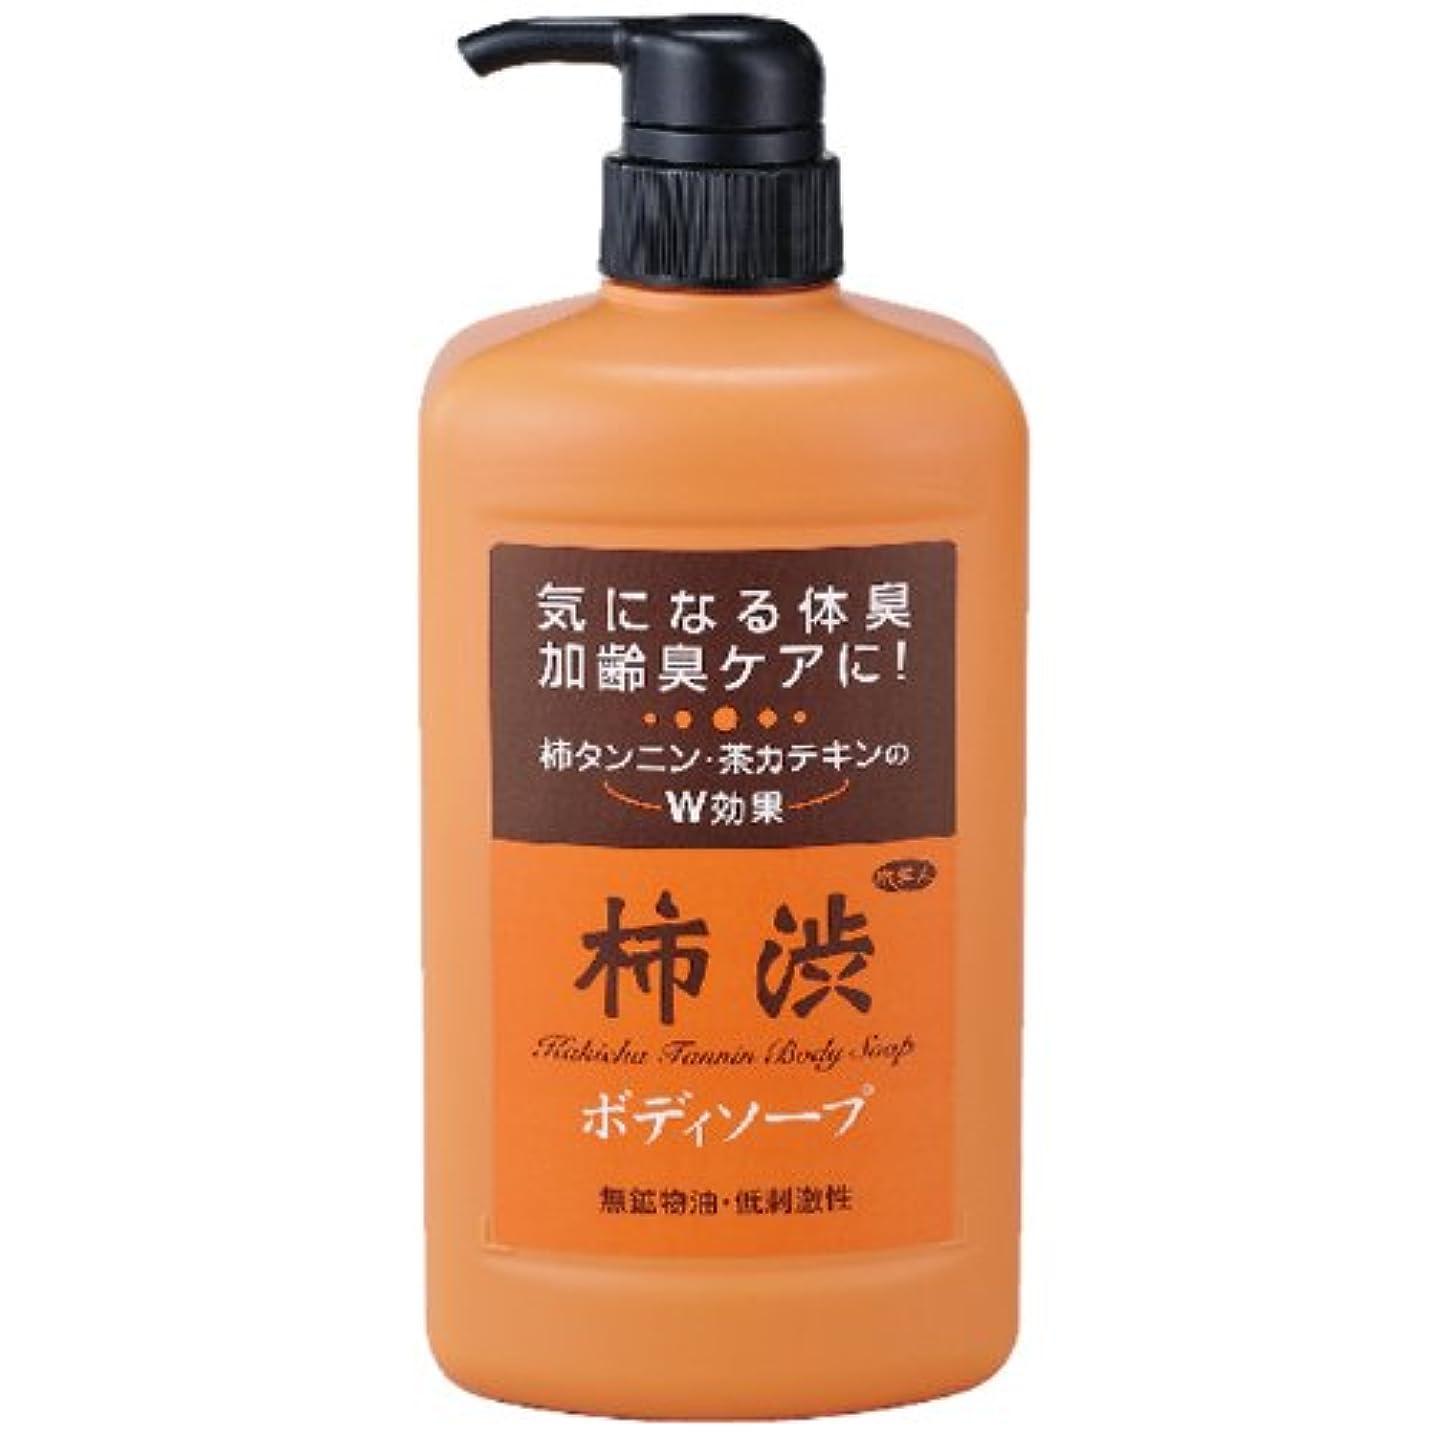 洗う通路誓うアズマ商事の 柿渋ボディソープ850ml